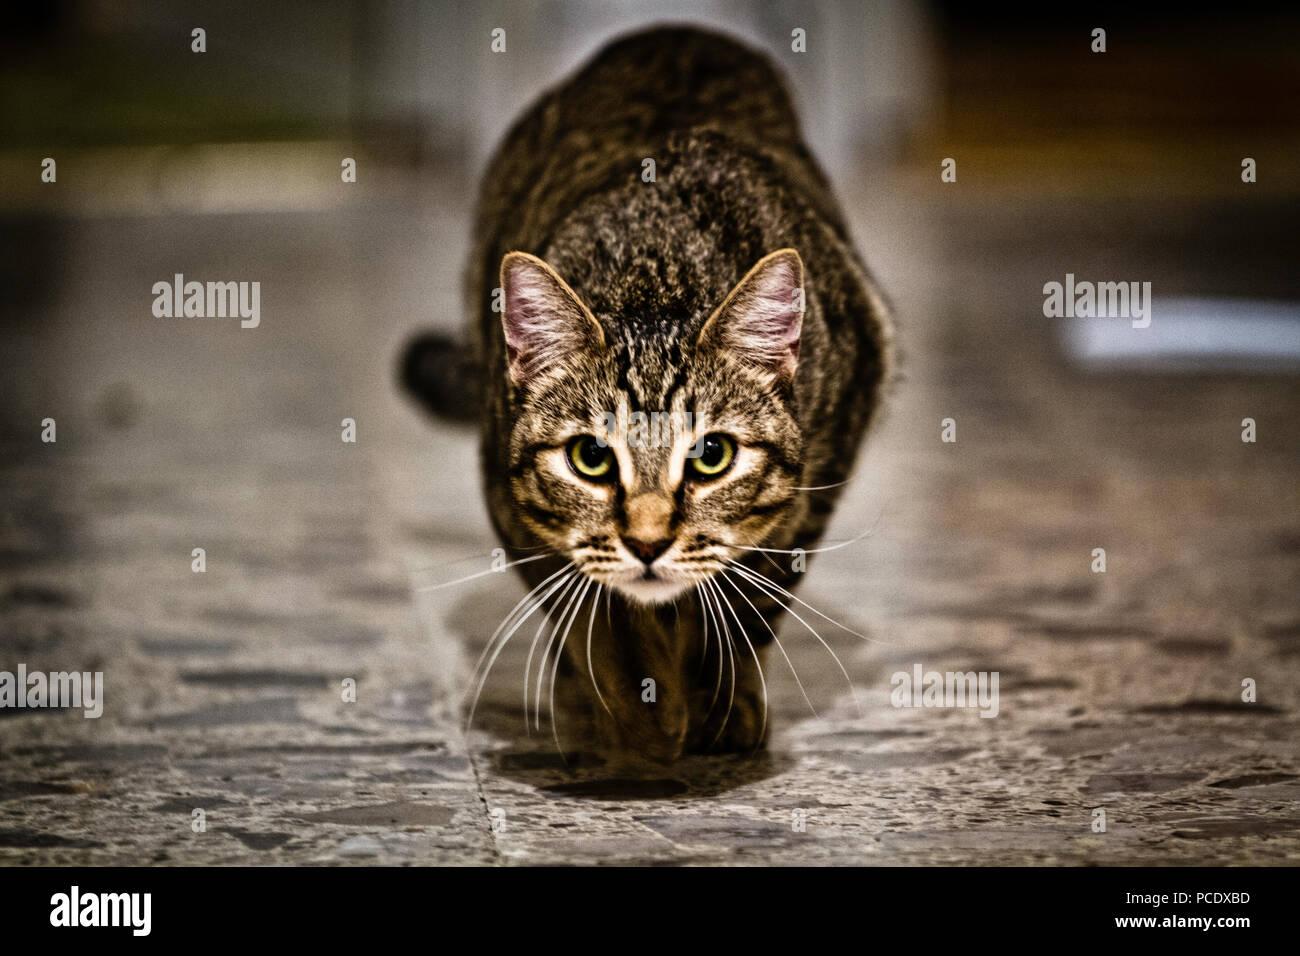 Estaba en el piso tomándole fotos a mi gato garras, cuando de repente bajo los bigotes, se me quedo viendo fijamente, se propensas en acecho, y empieza a c Imagen De Stock